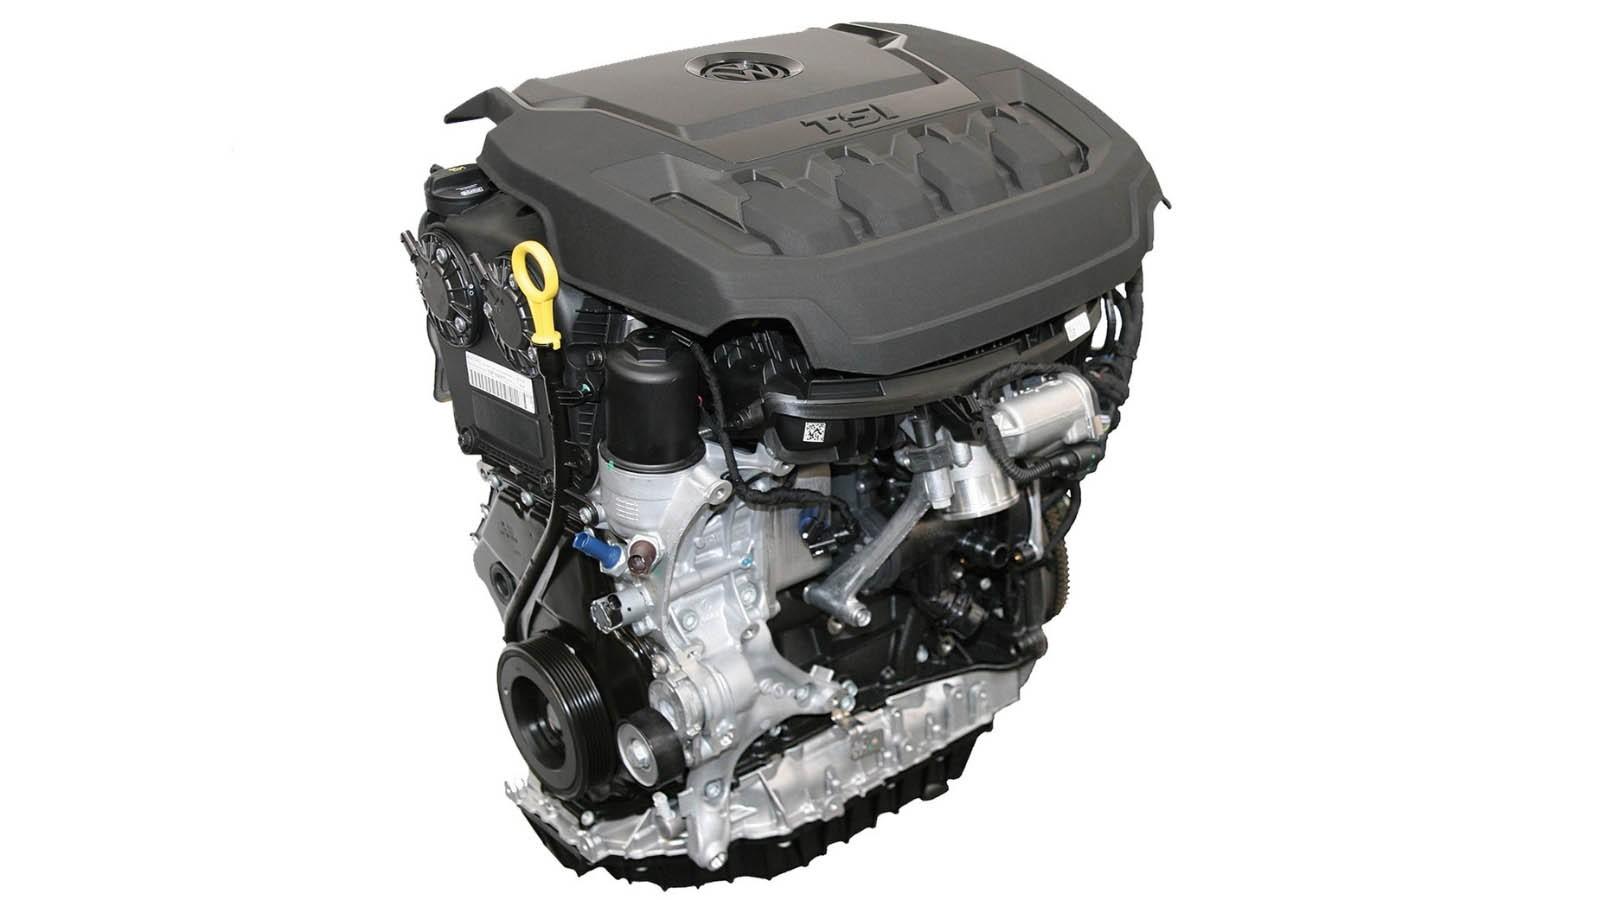 EA888 four-cylinder engine